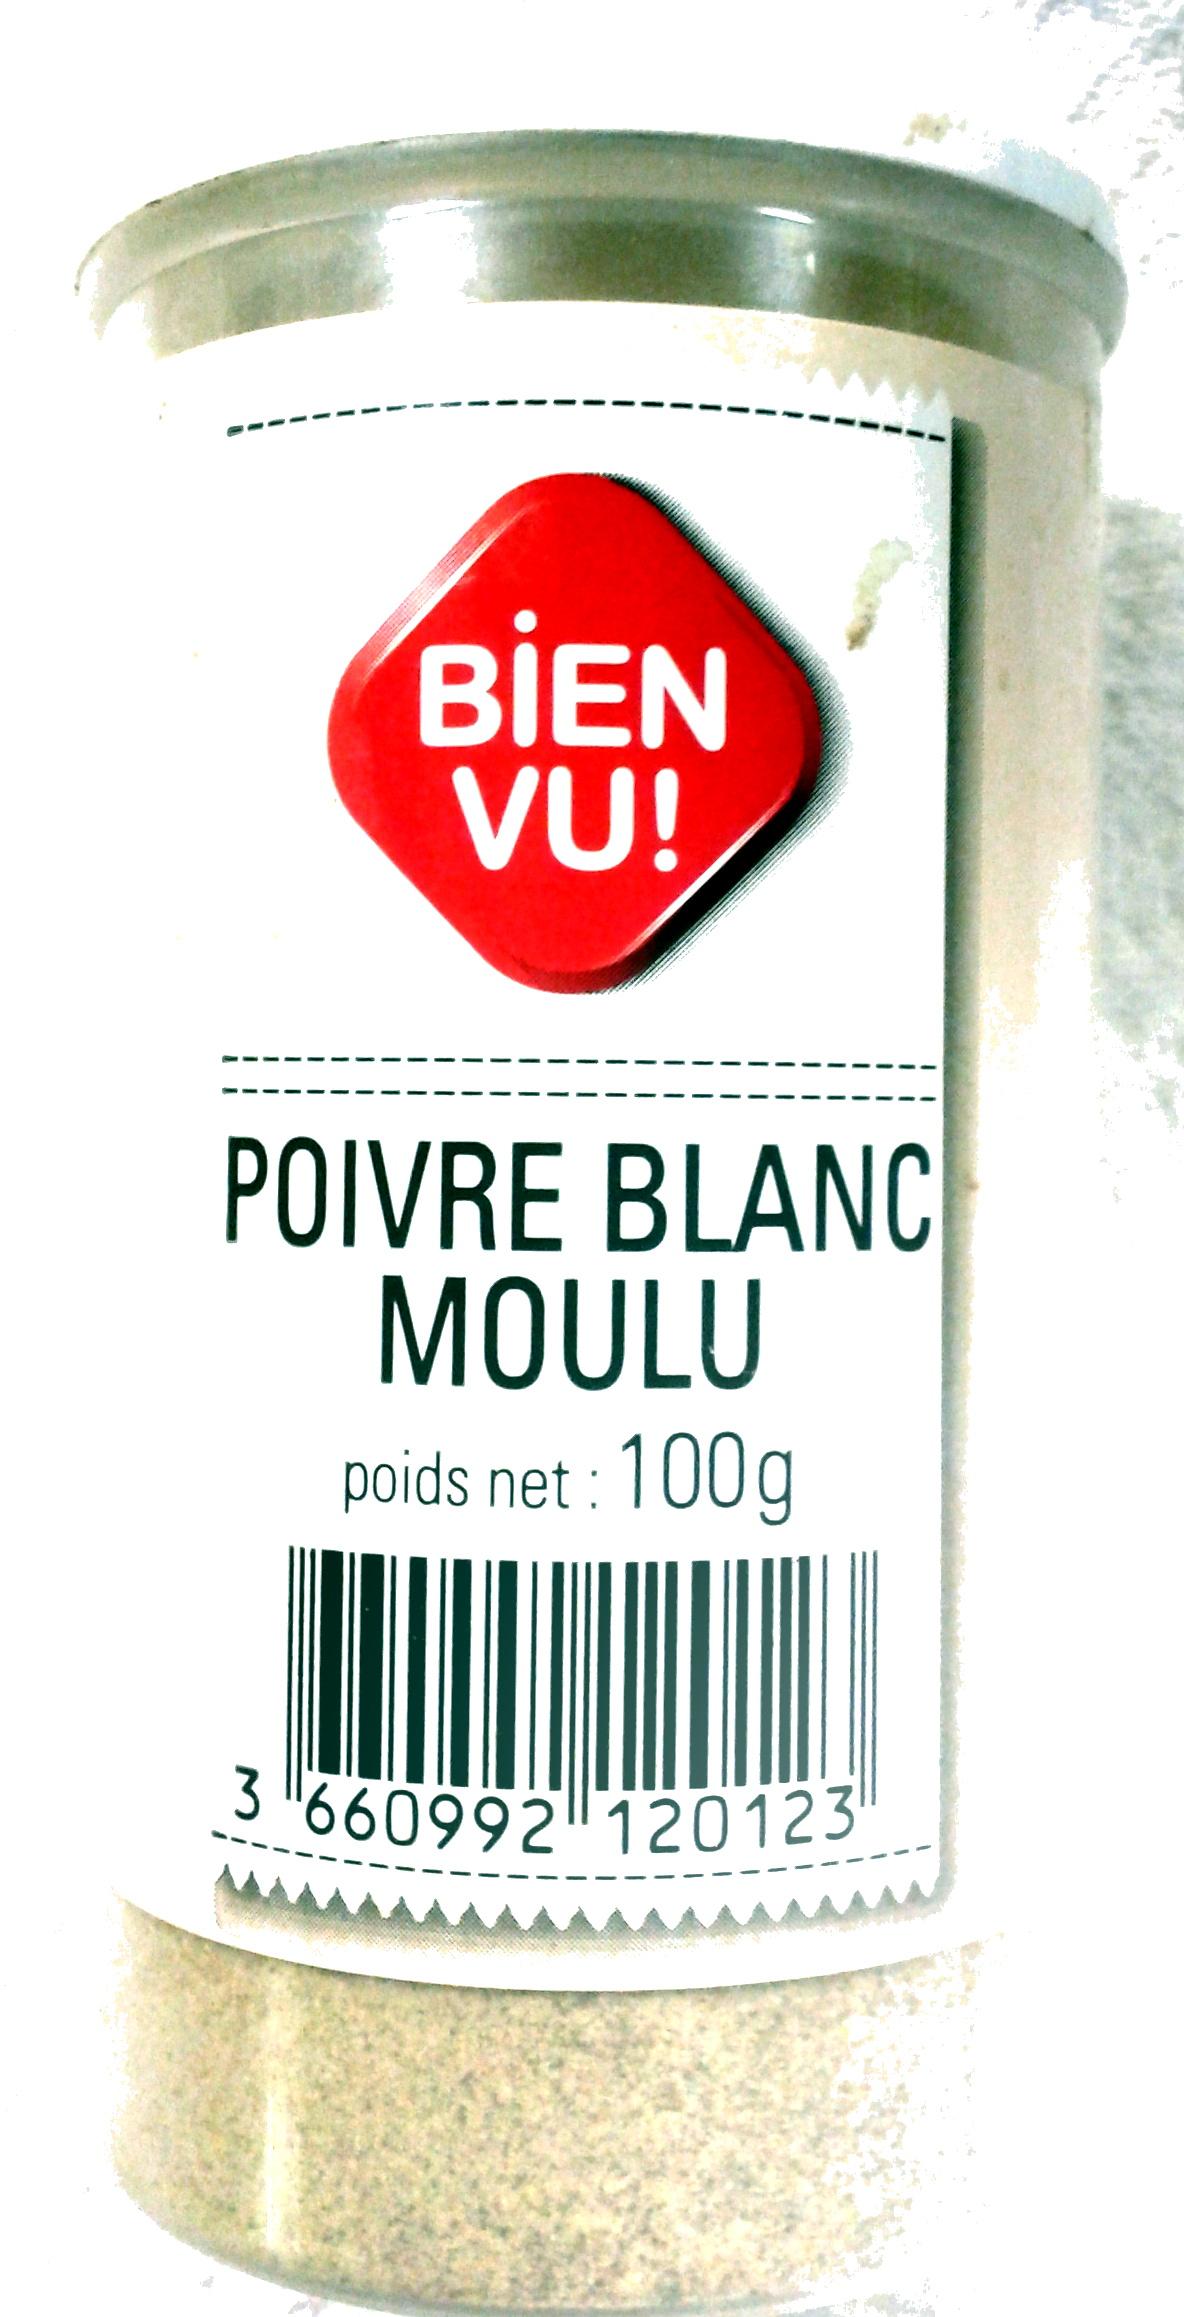 Poivre blanc moulu - Produit - fr